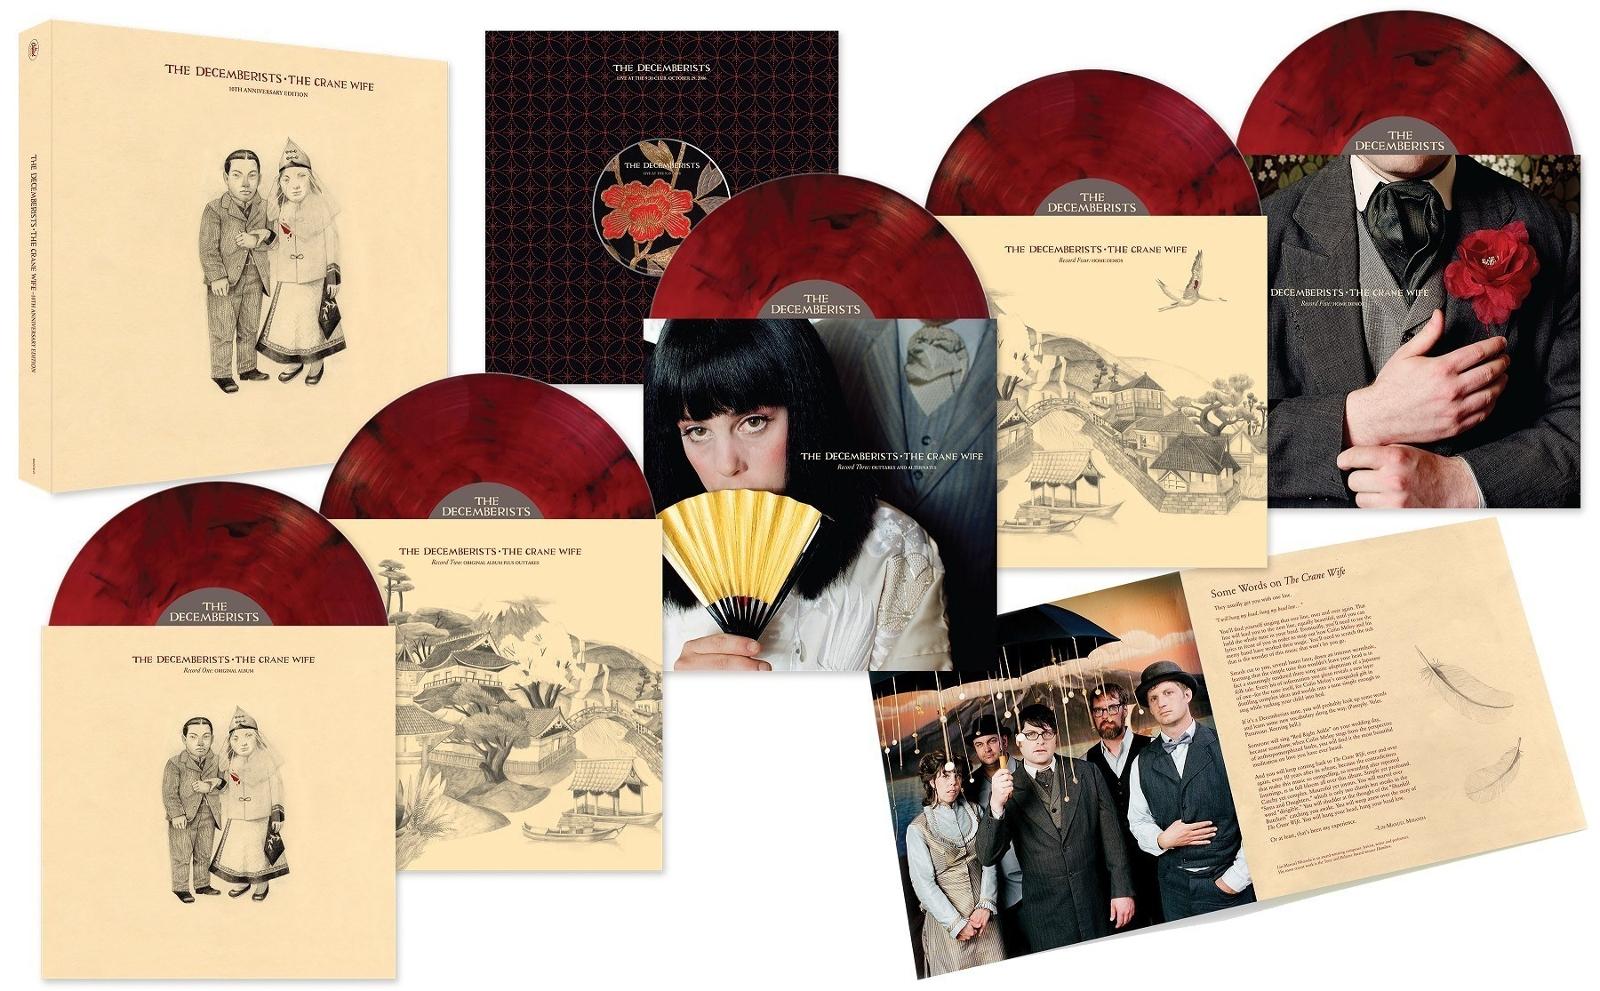 The Decemberists готовят переиздание альбома Crane Wife в виде пятидискового бокс-сета